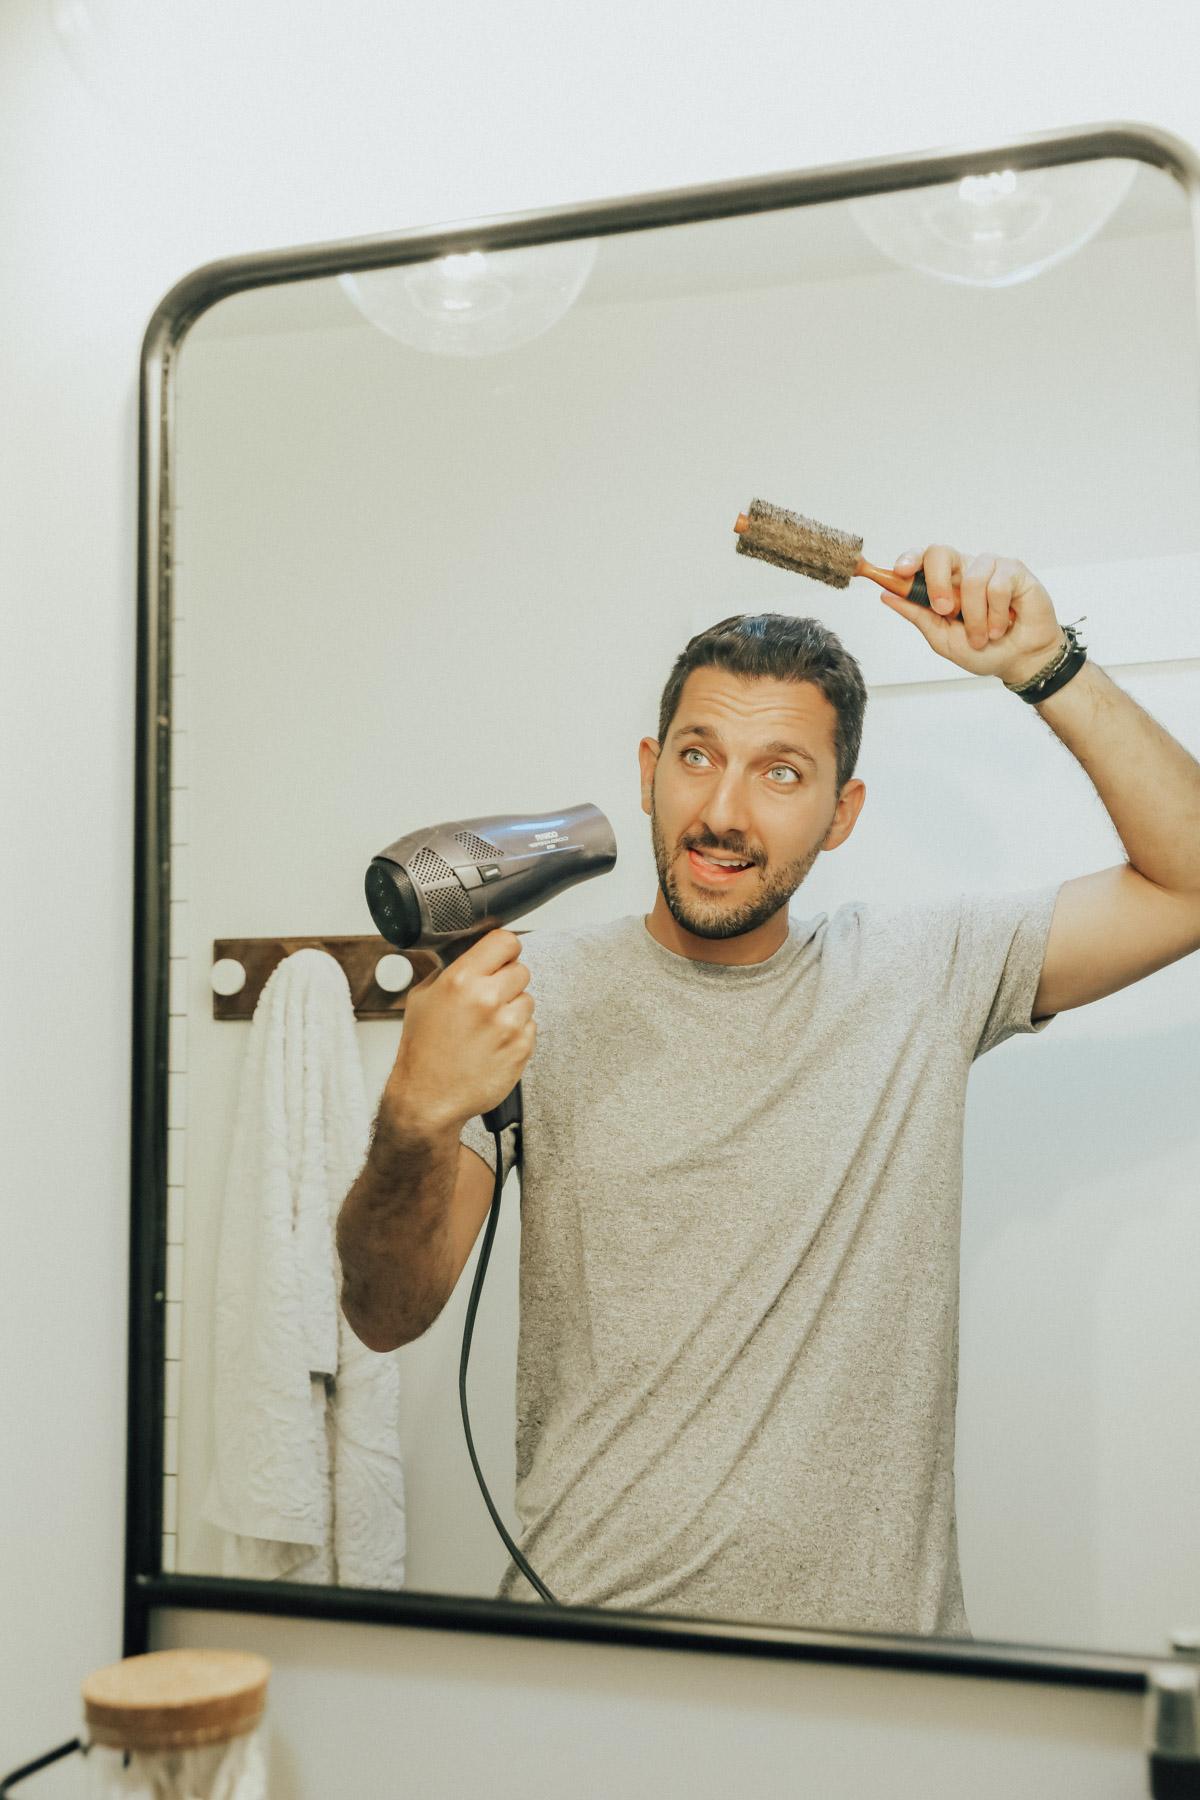 men's grooming self-care hair dryer